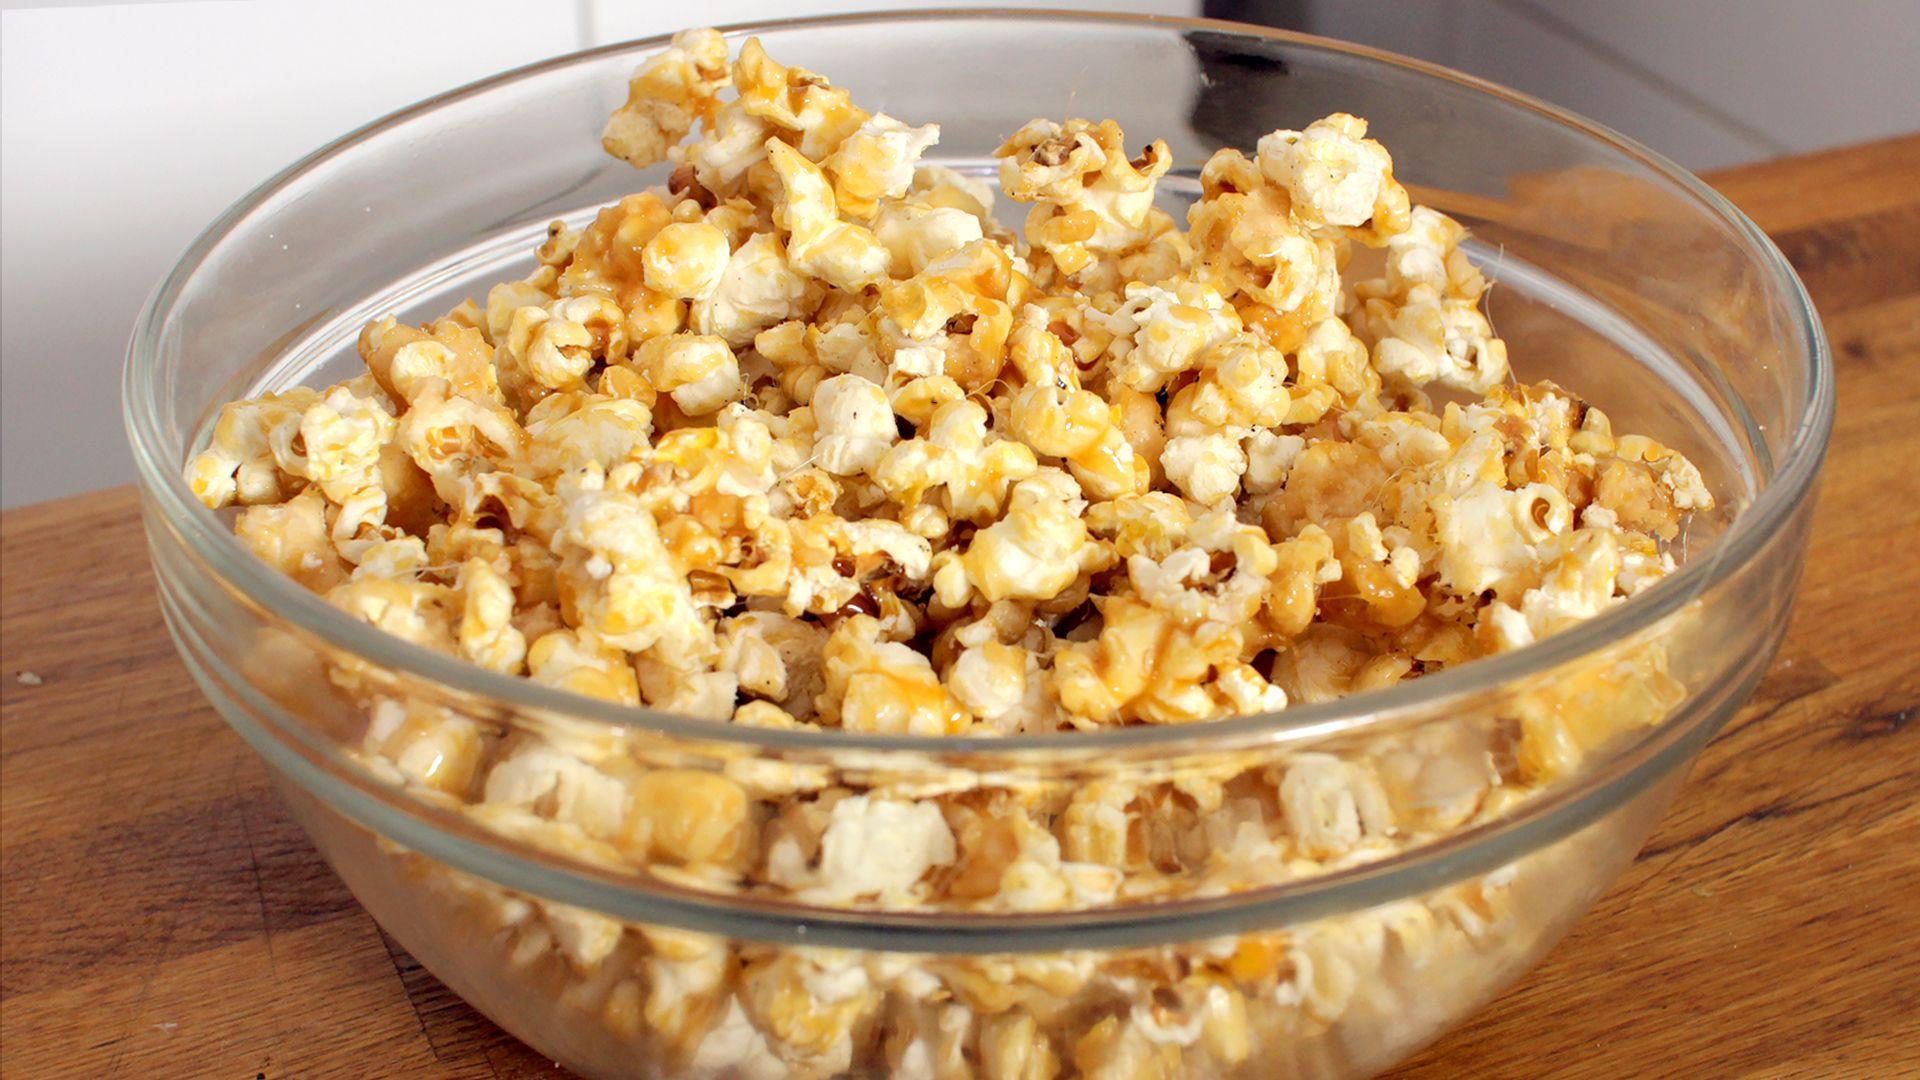 karamell popcorn rezept als back video zum selber machen ganz einfach schritt f r schritt. Black Bedroom Furniture Sets. Home Design Ideas